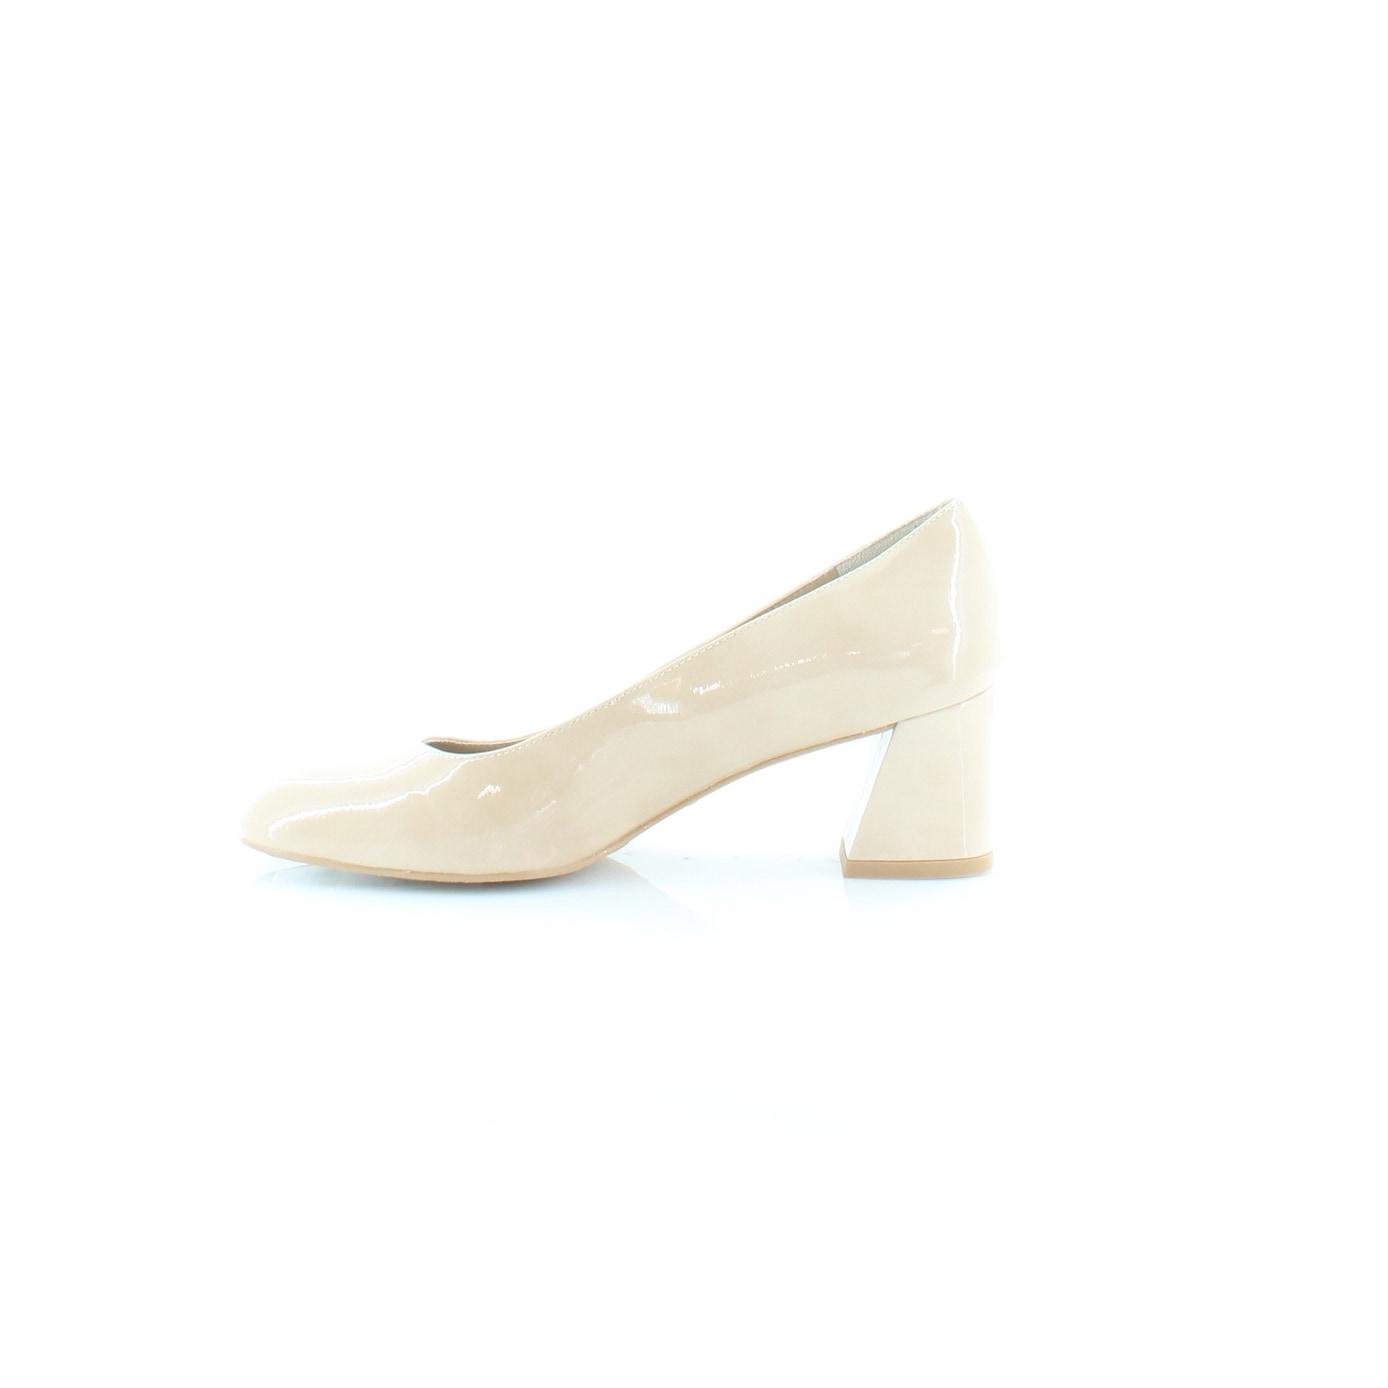 e70db10f954 Shop Stuart Weitzman Mary Mid Women s Heels Bambina - Free Shipping ...